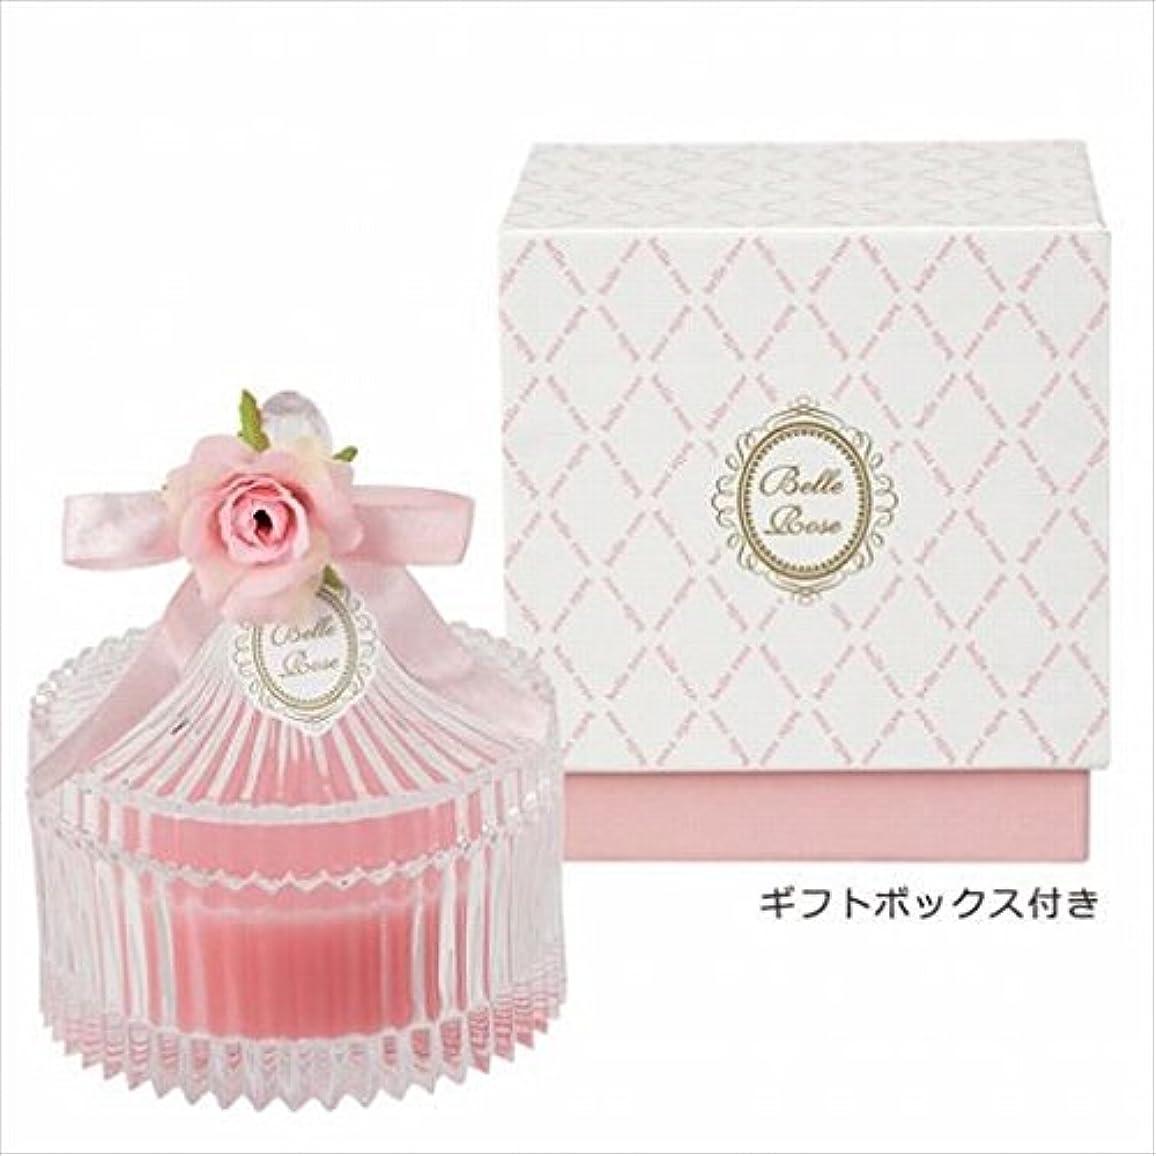 熱境界積分カメヤマキャンドル( kameyama candle ) ベルローズキャニスター 「 ピンク 」 キャンドル